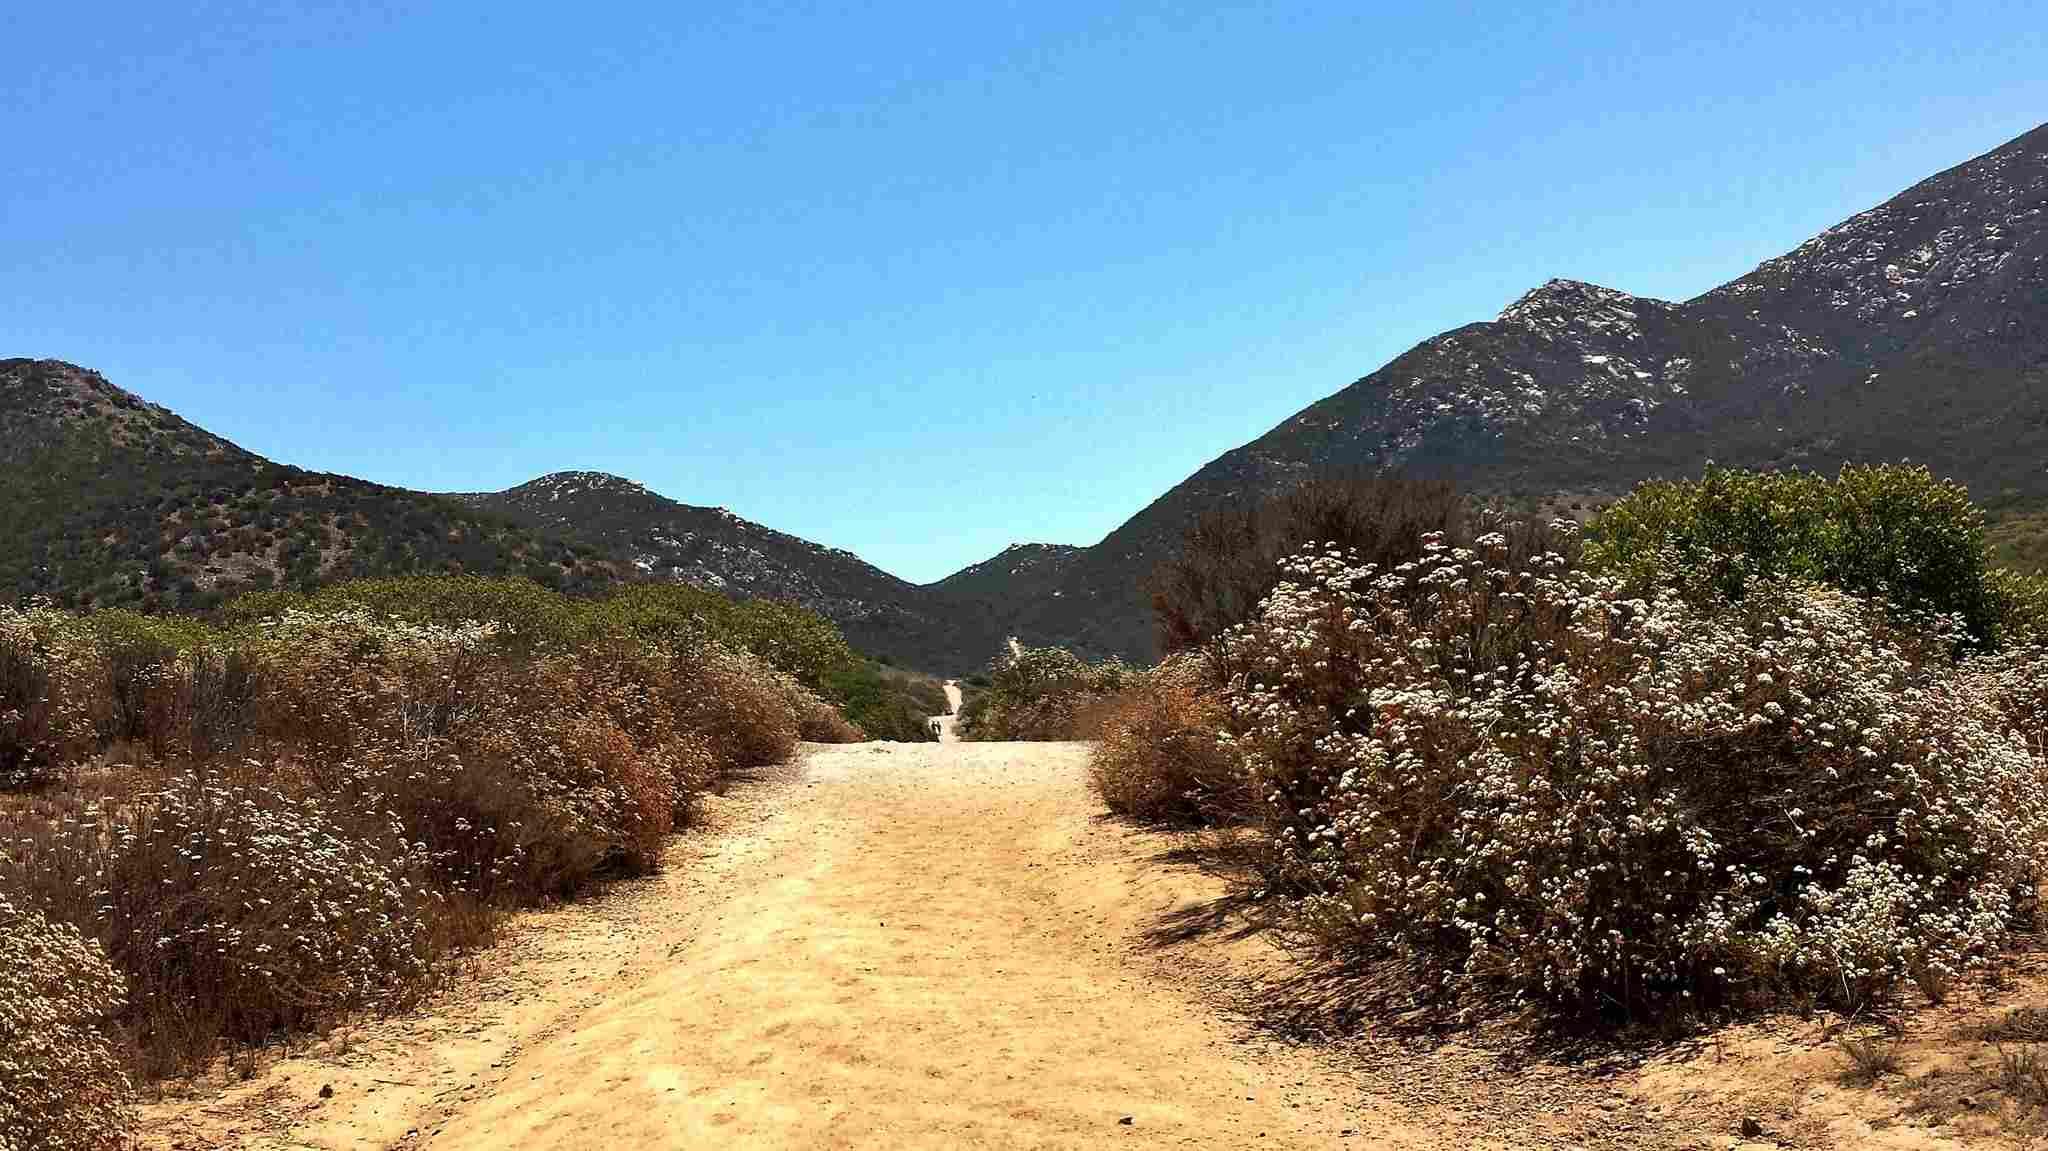 Iron Mountain Hiking Trail